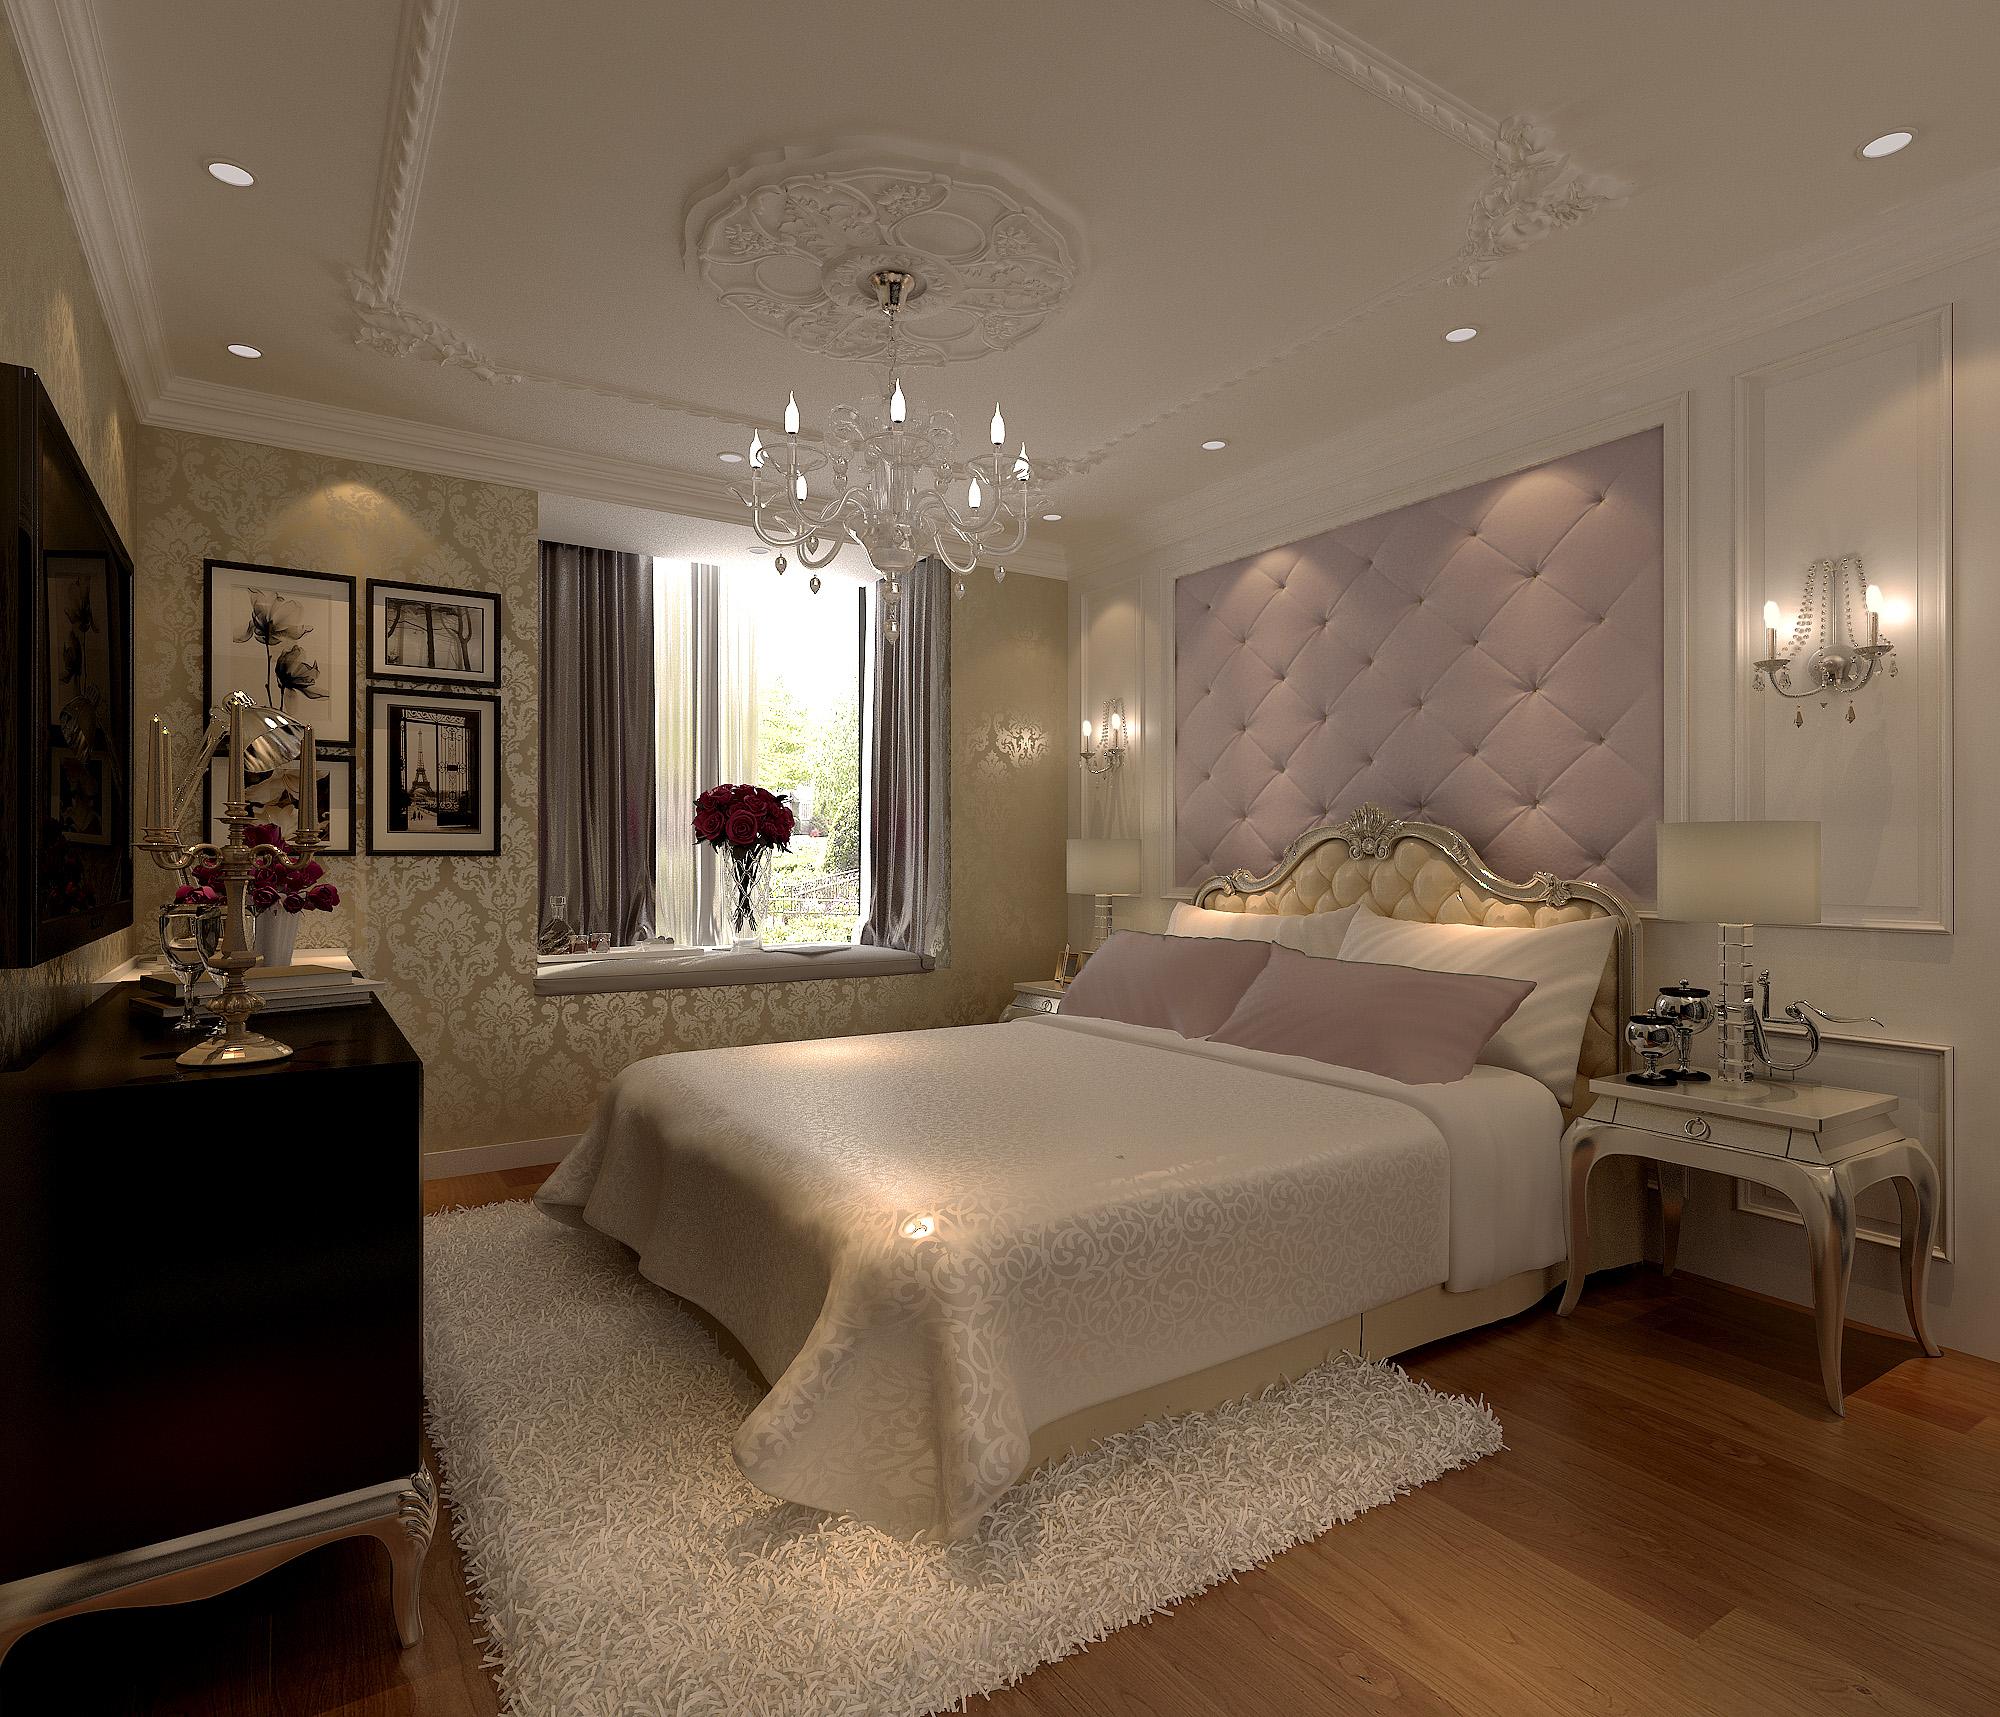 欧美风情三居室卧室背景墙装修效果图大全